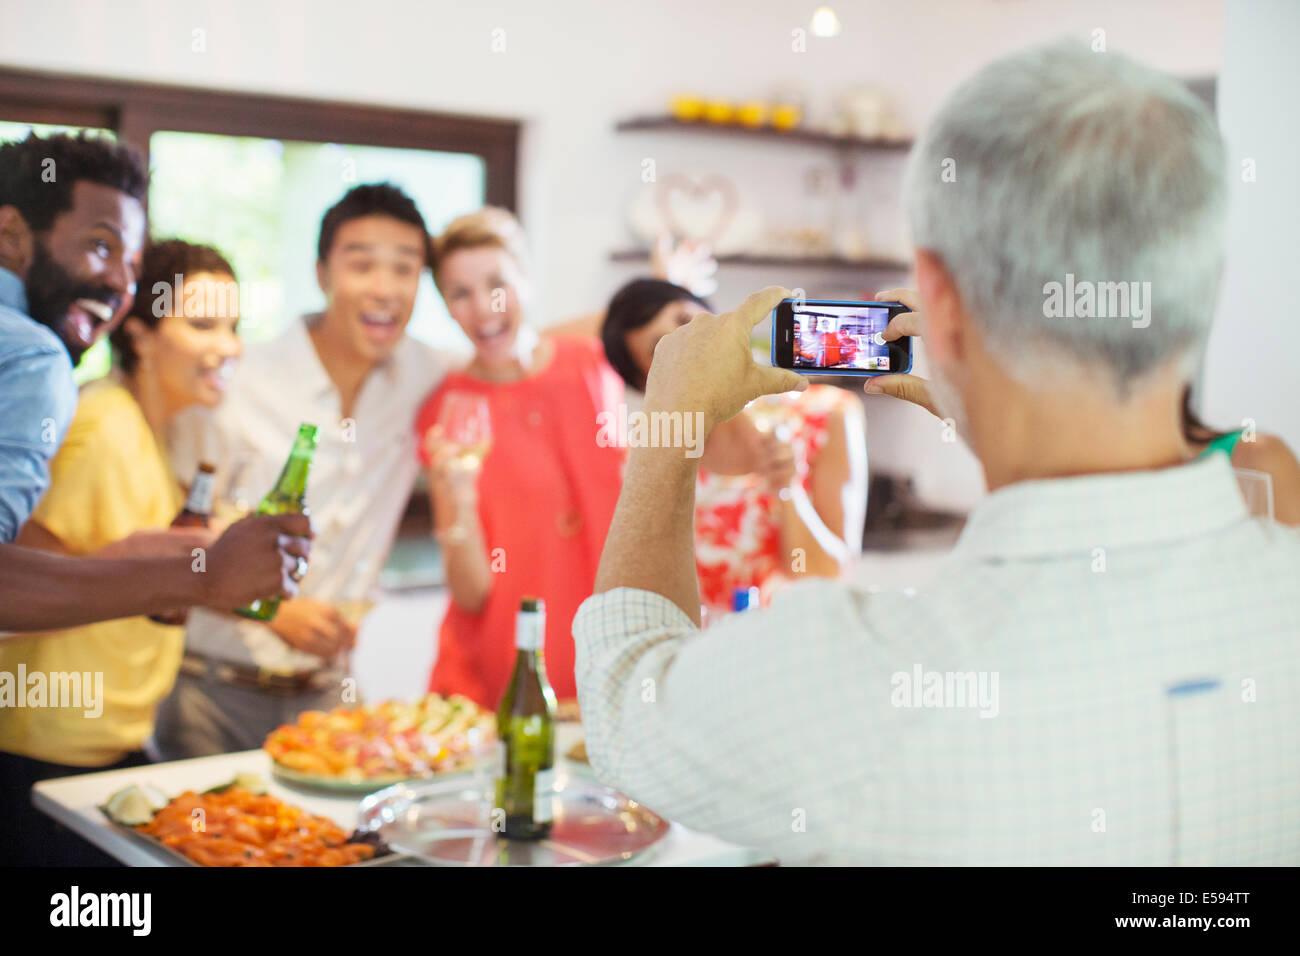 Freunde fotografieren zusammen auf party Stockbild